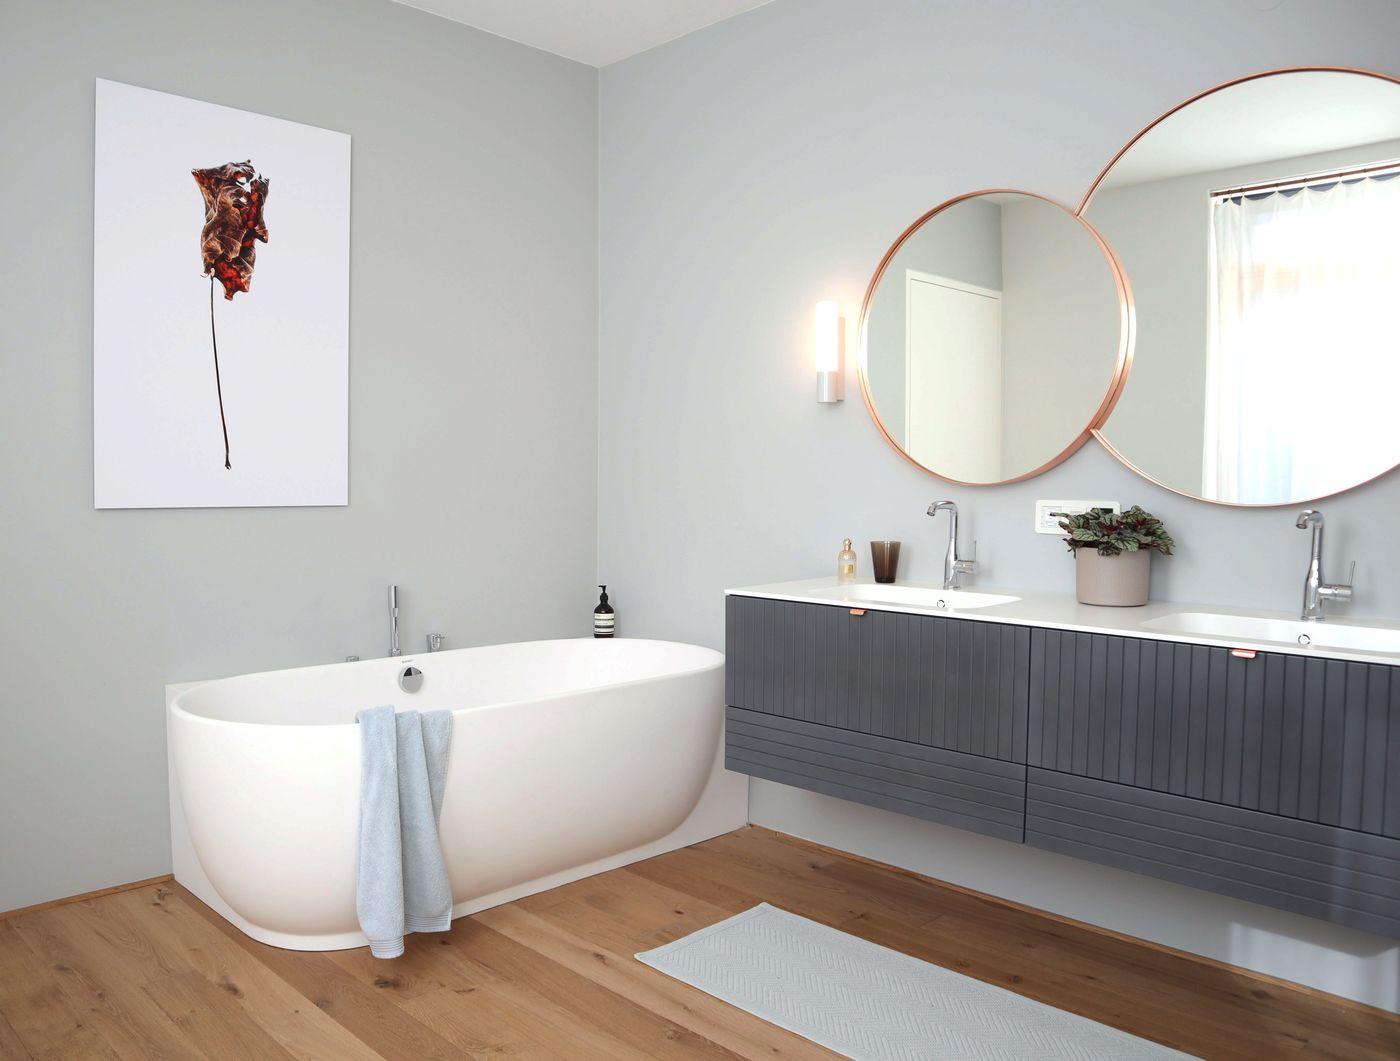 Schönes Bad Design für Designer Badezimmer   Seite 20